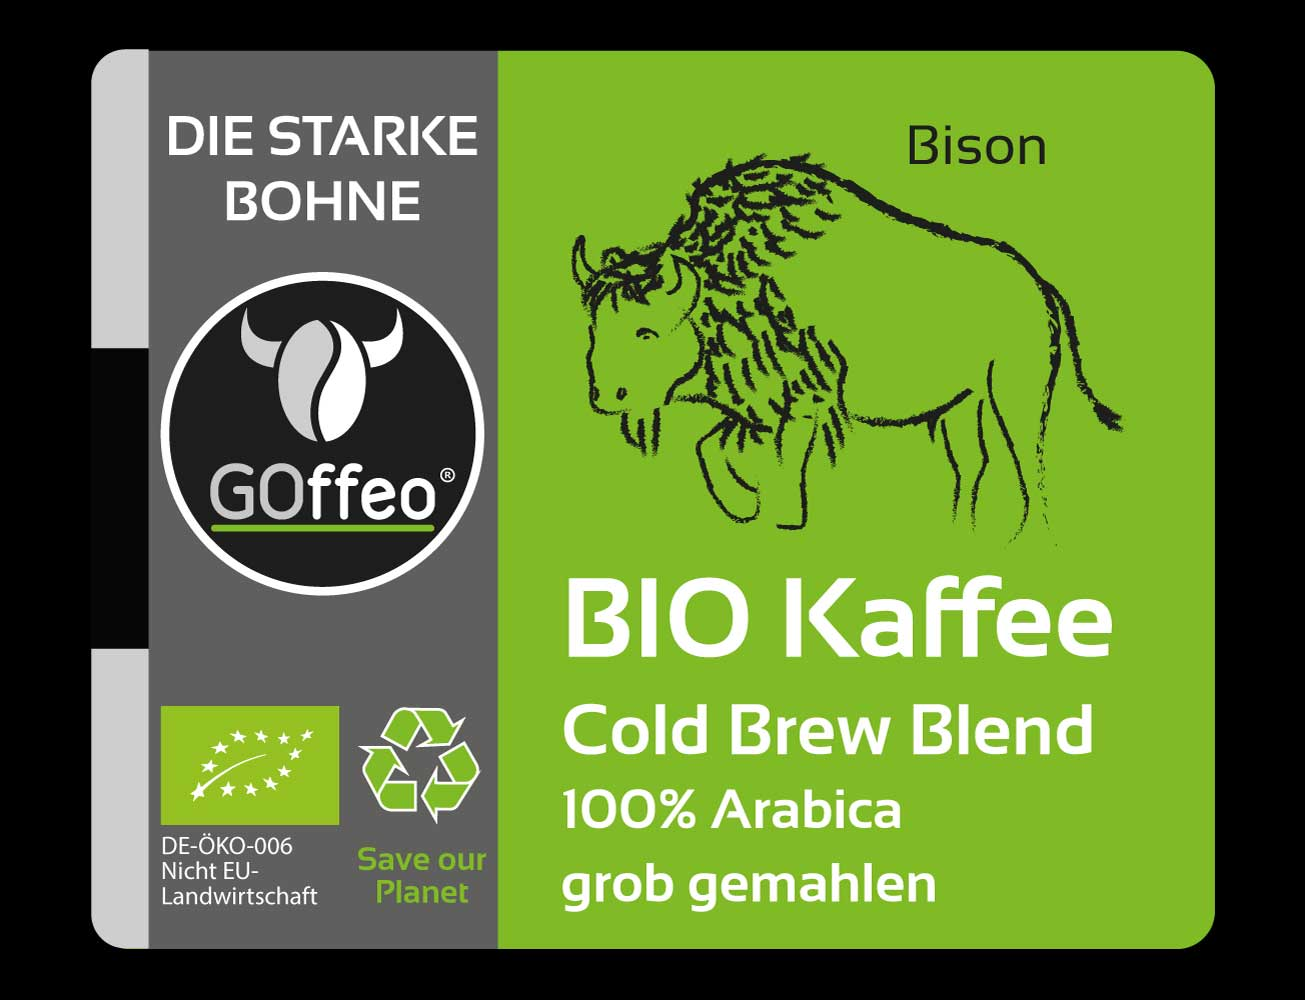 GOffeo-Bio-Kaffee-Etikettenausschnitt-Cold-Brew-Blend